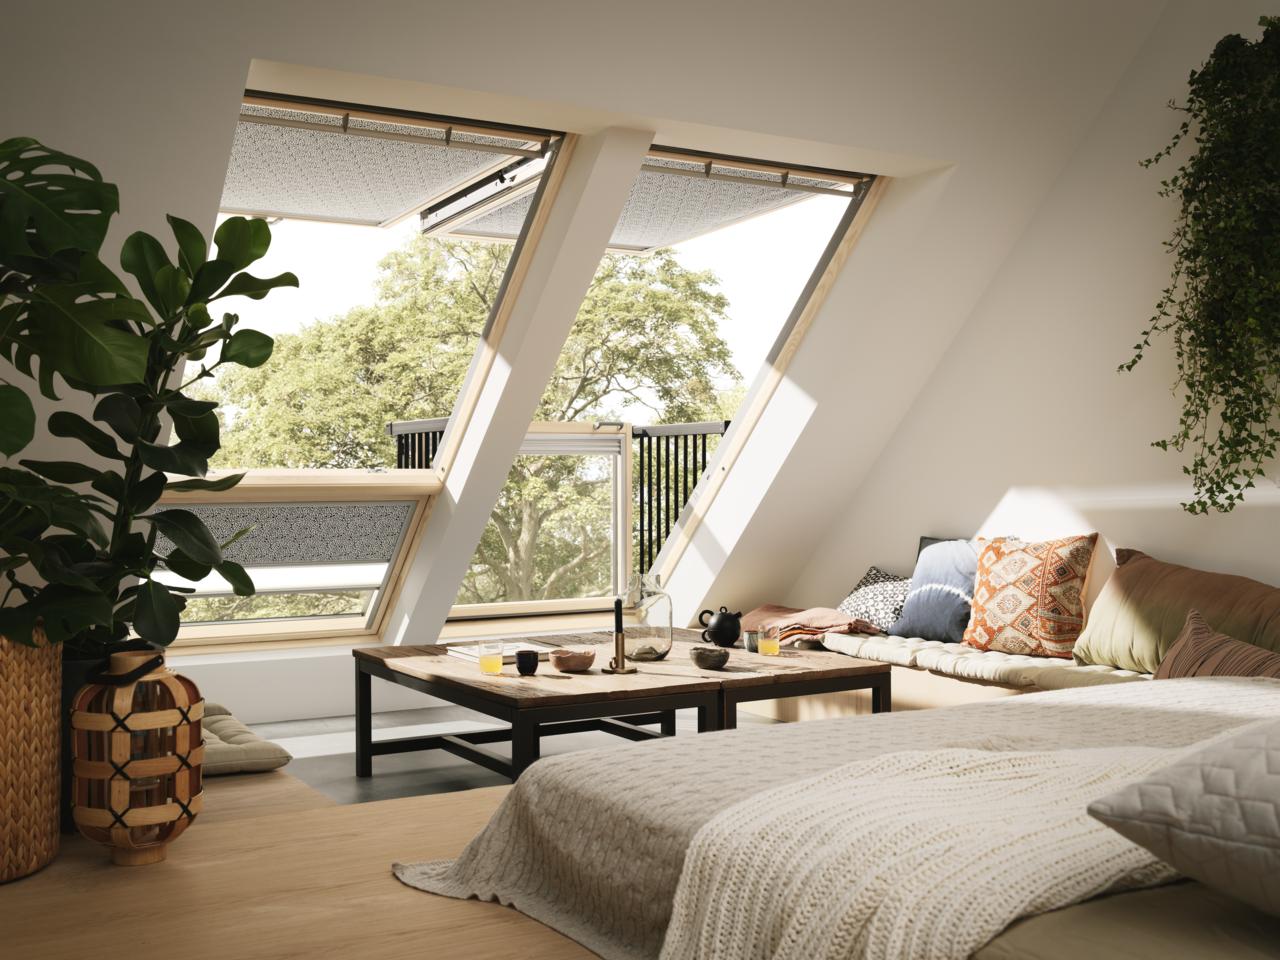 La finestra a balcone belvedere a sorpresa for Finestra per mansarda